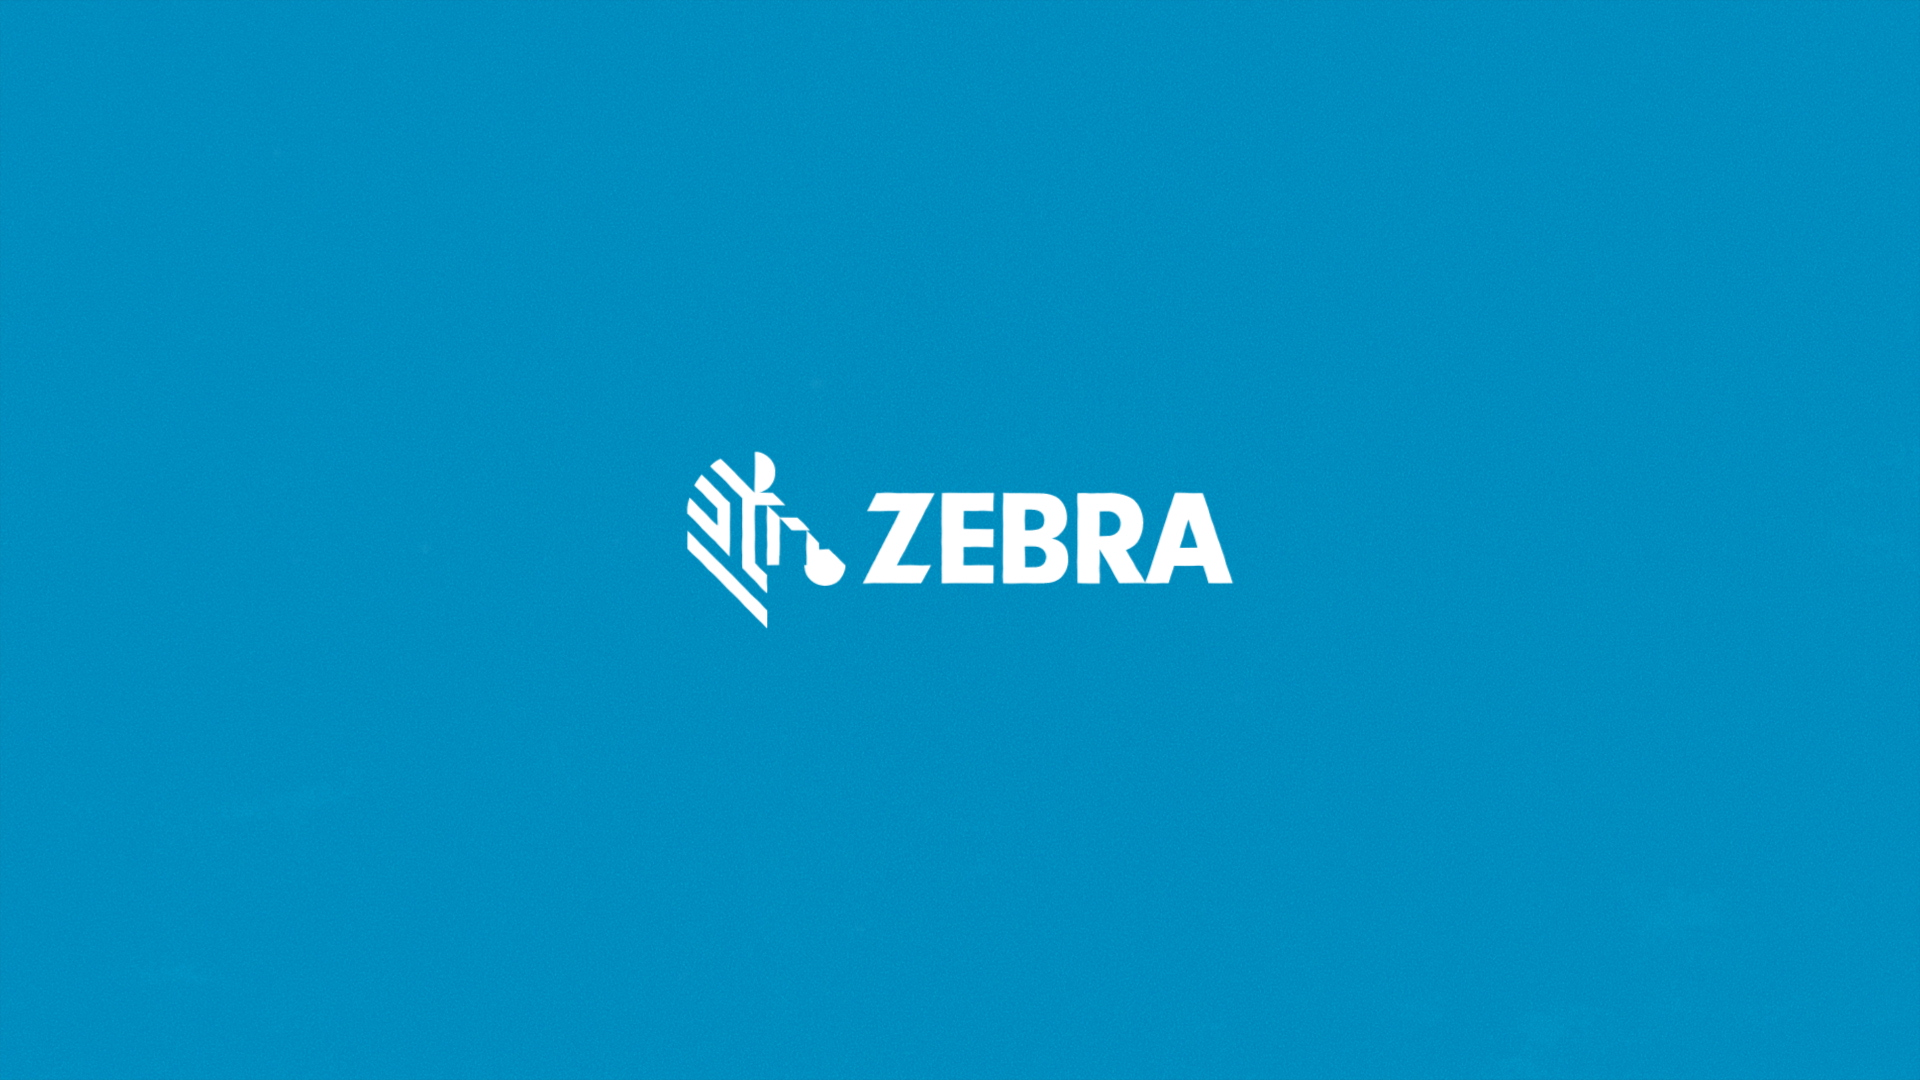 Zebra TAAP Case Film V007_DirectorsCut (0-03-43-13).png